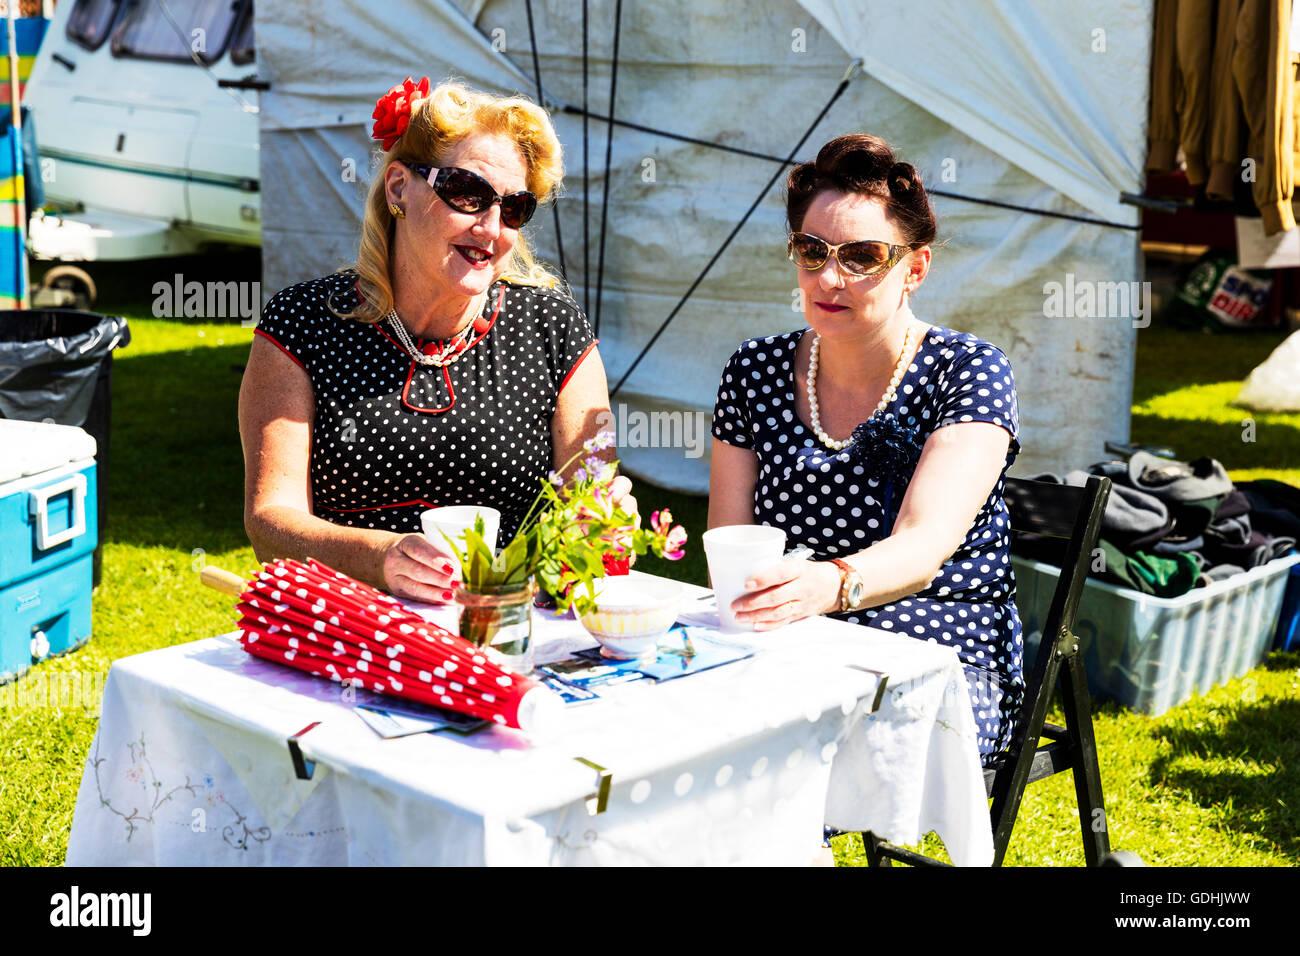 Englische Tee außerhalb 2 Frauen Teetrinken Polker Dot Kleid Kleider ...